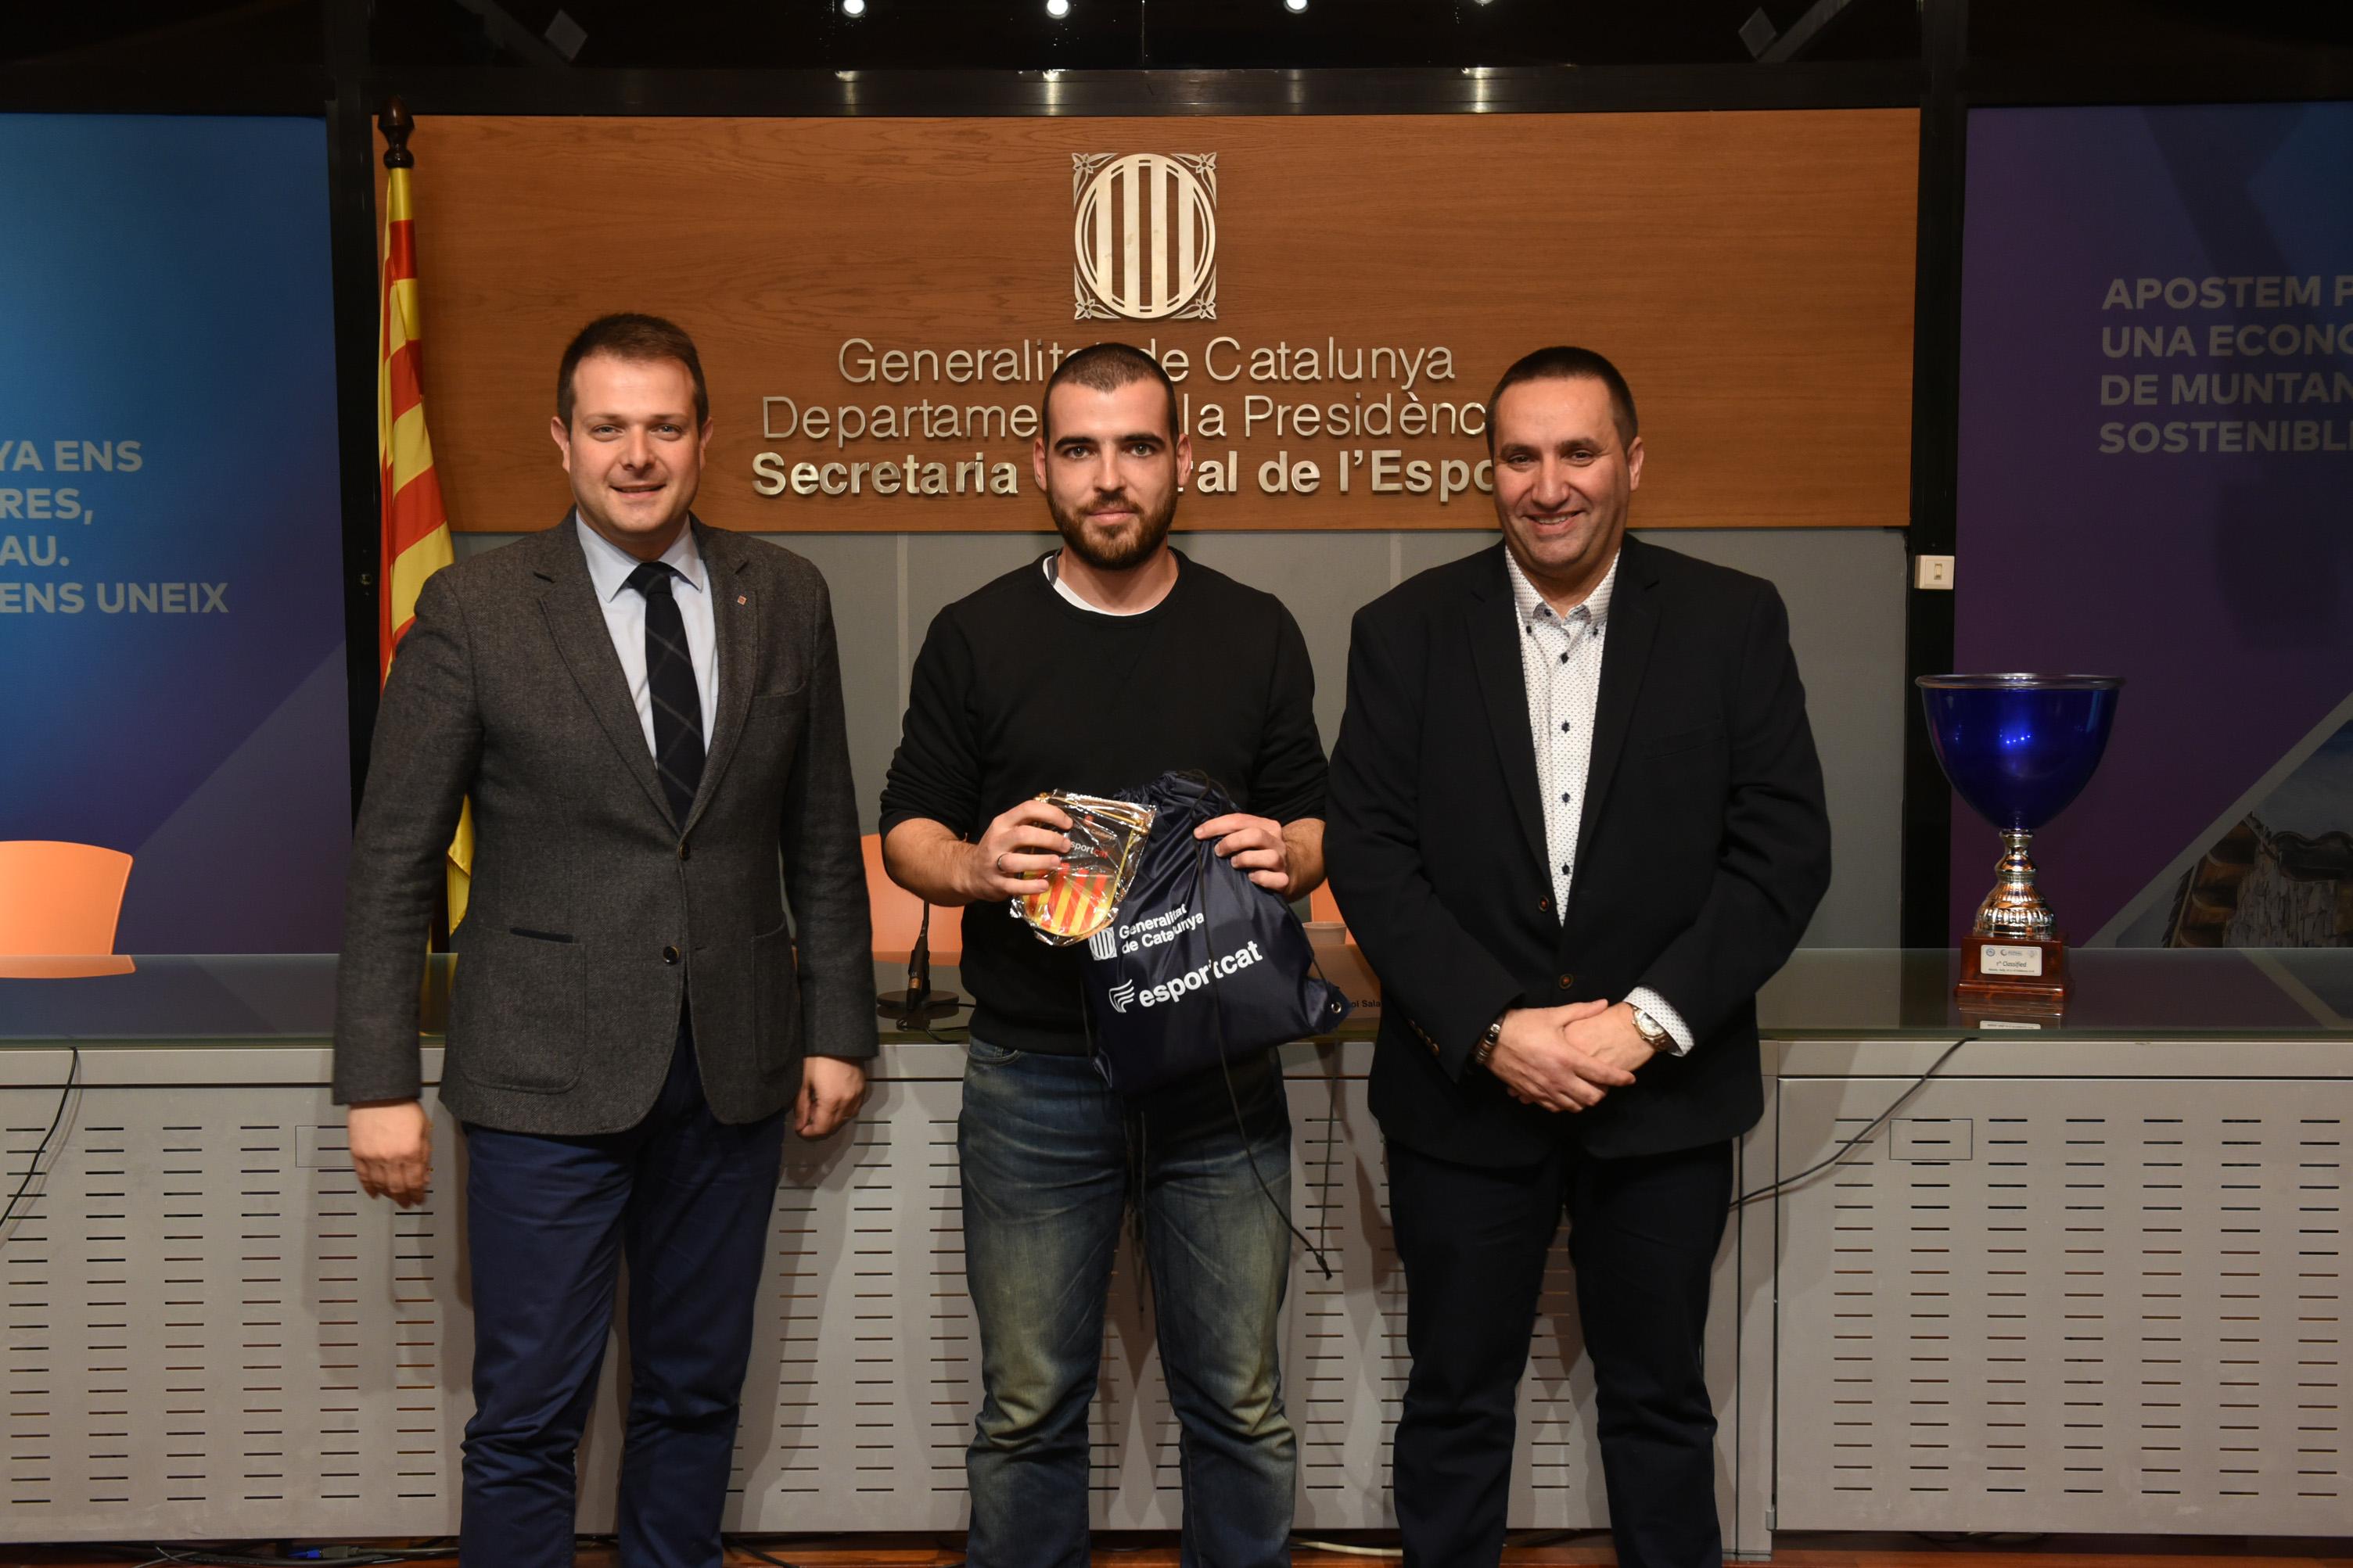 El graduat en CAFE per EUSES Jordi Castejón disputarà el mundial sub-20 de futbol sala a Colòmbia com a seleccionador de Catalunya